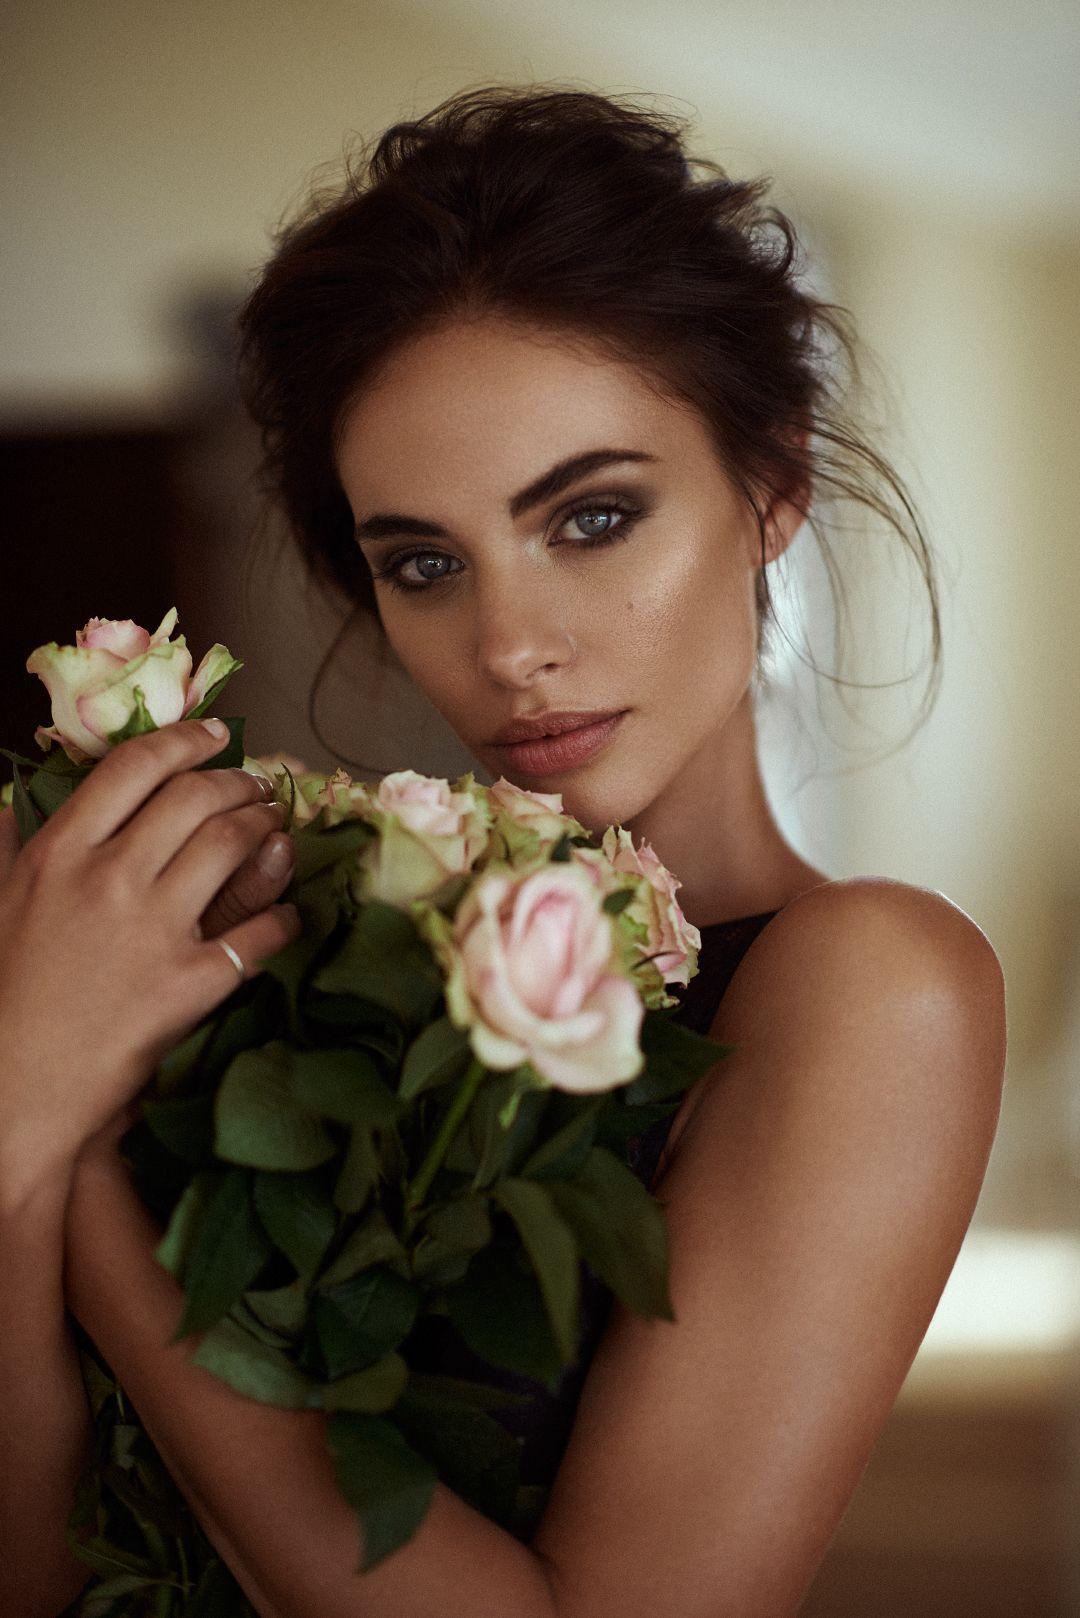 Les 25 meilleures id es de la cat gorie maquillage de mariage sur pinterest maquillage de - Maquillage nude mariage ...